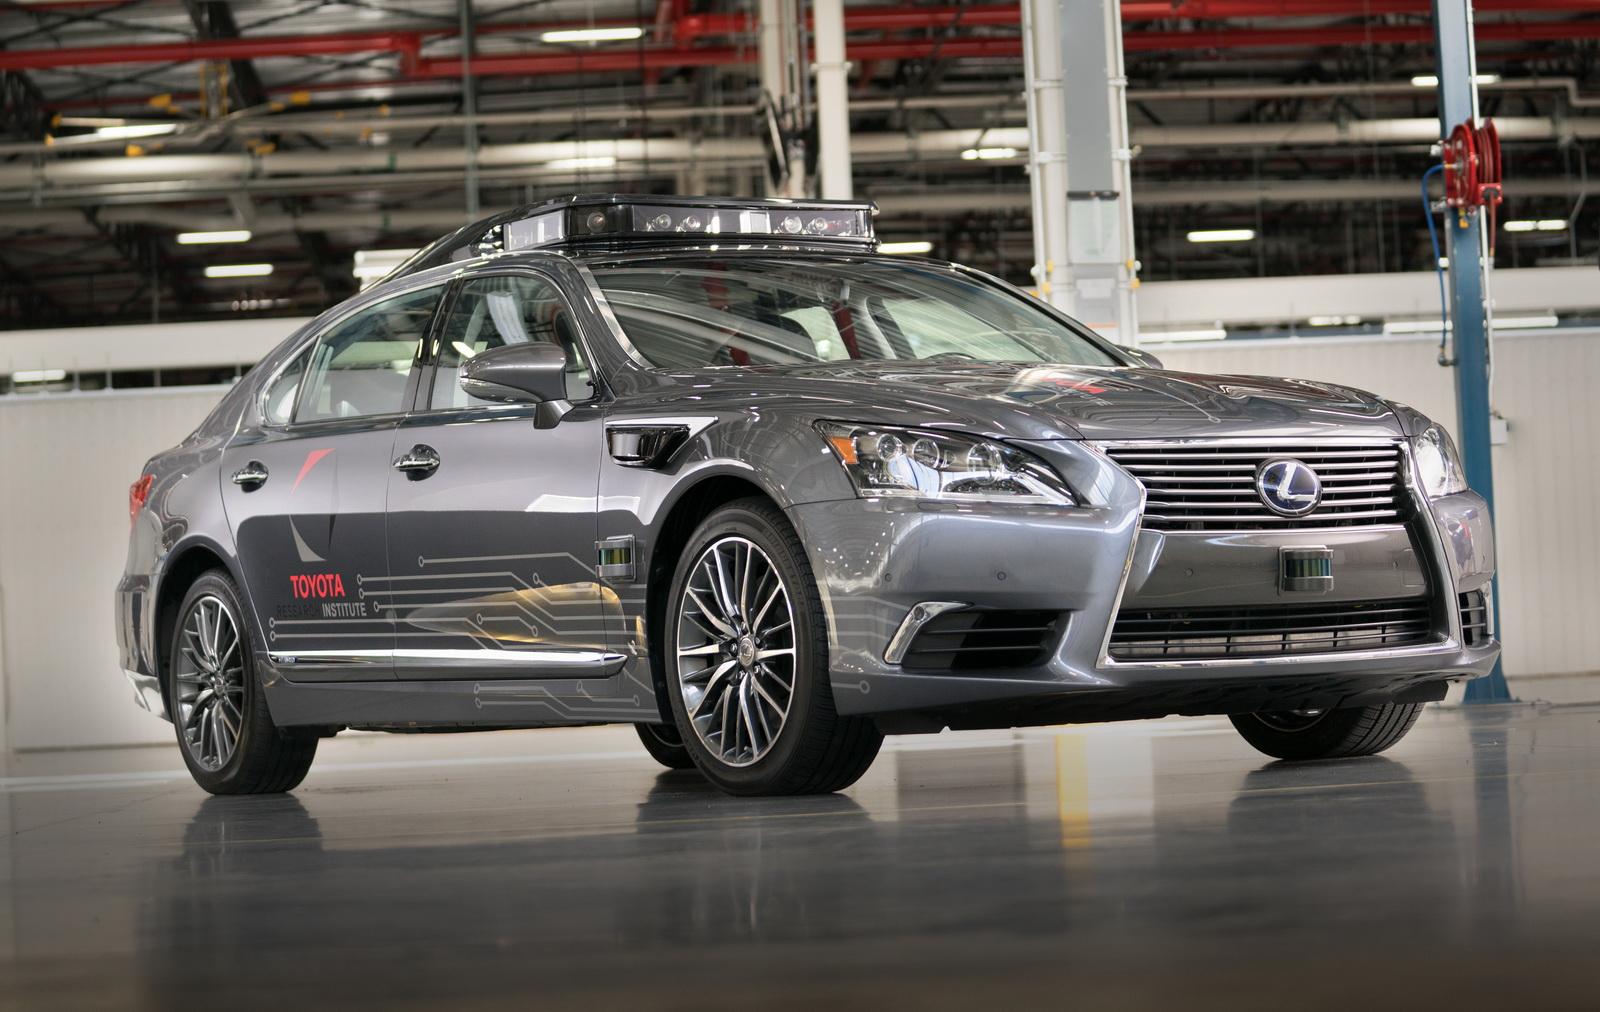 Coche autonomo Toyota